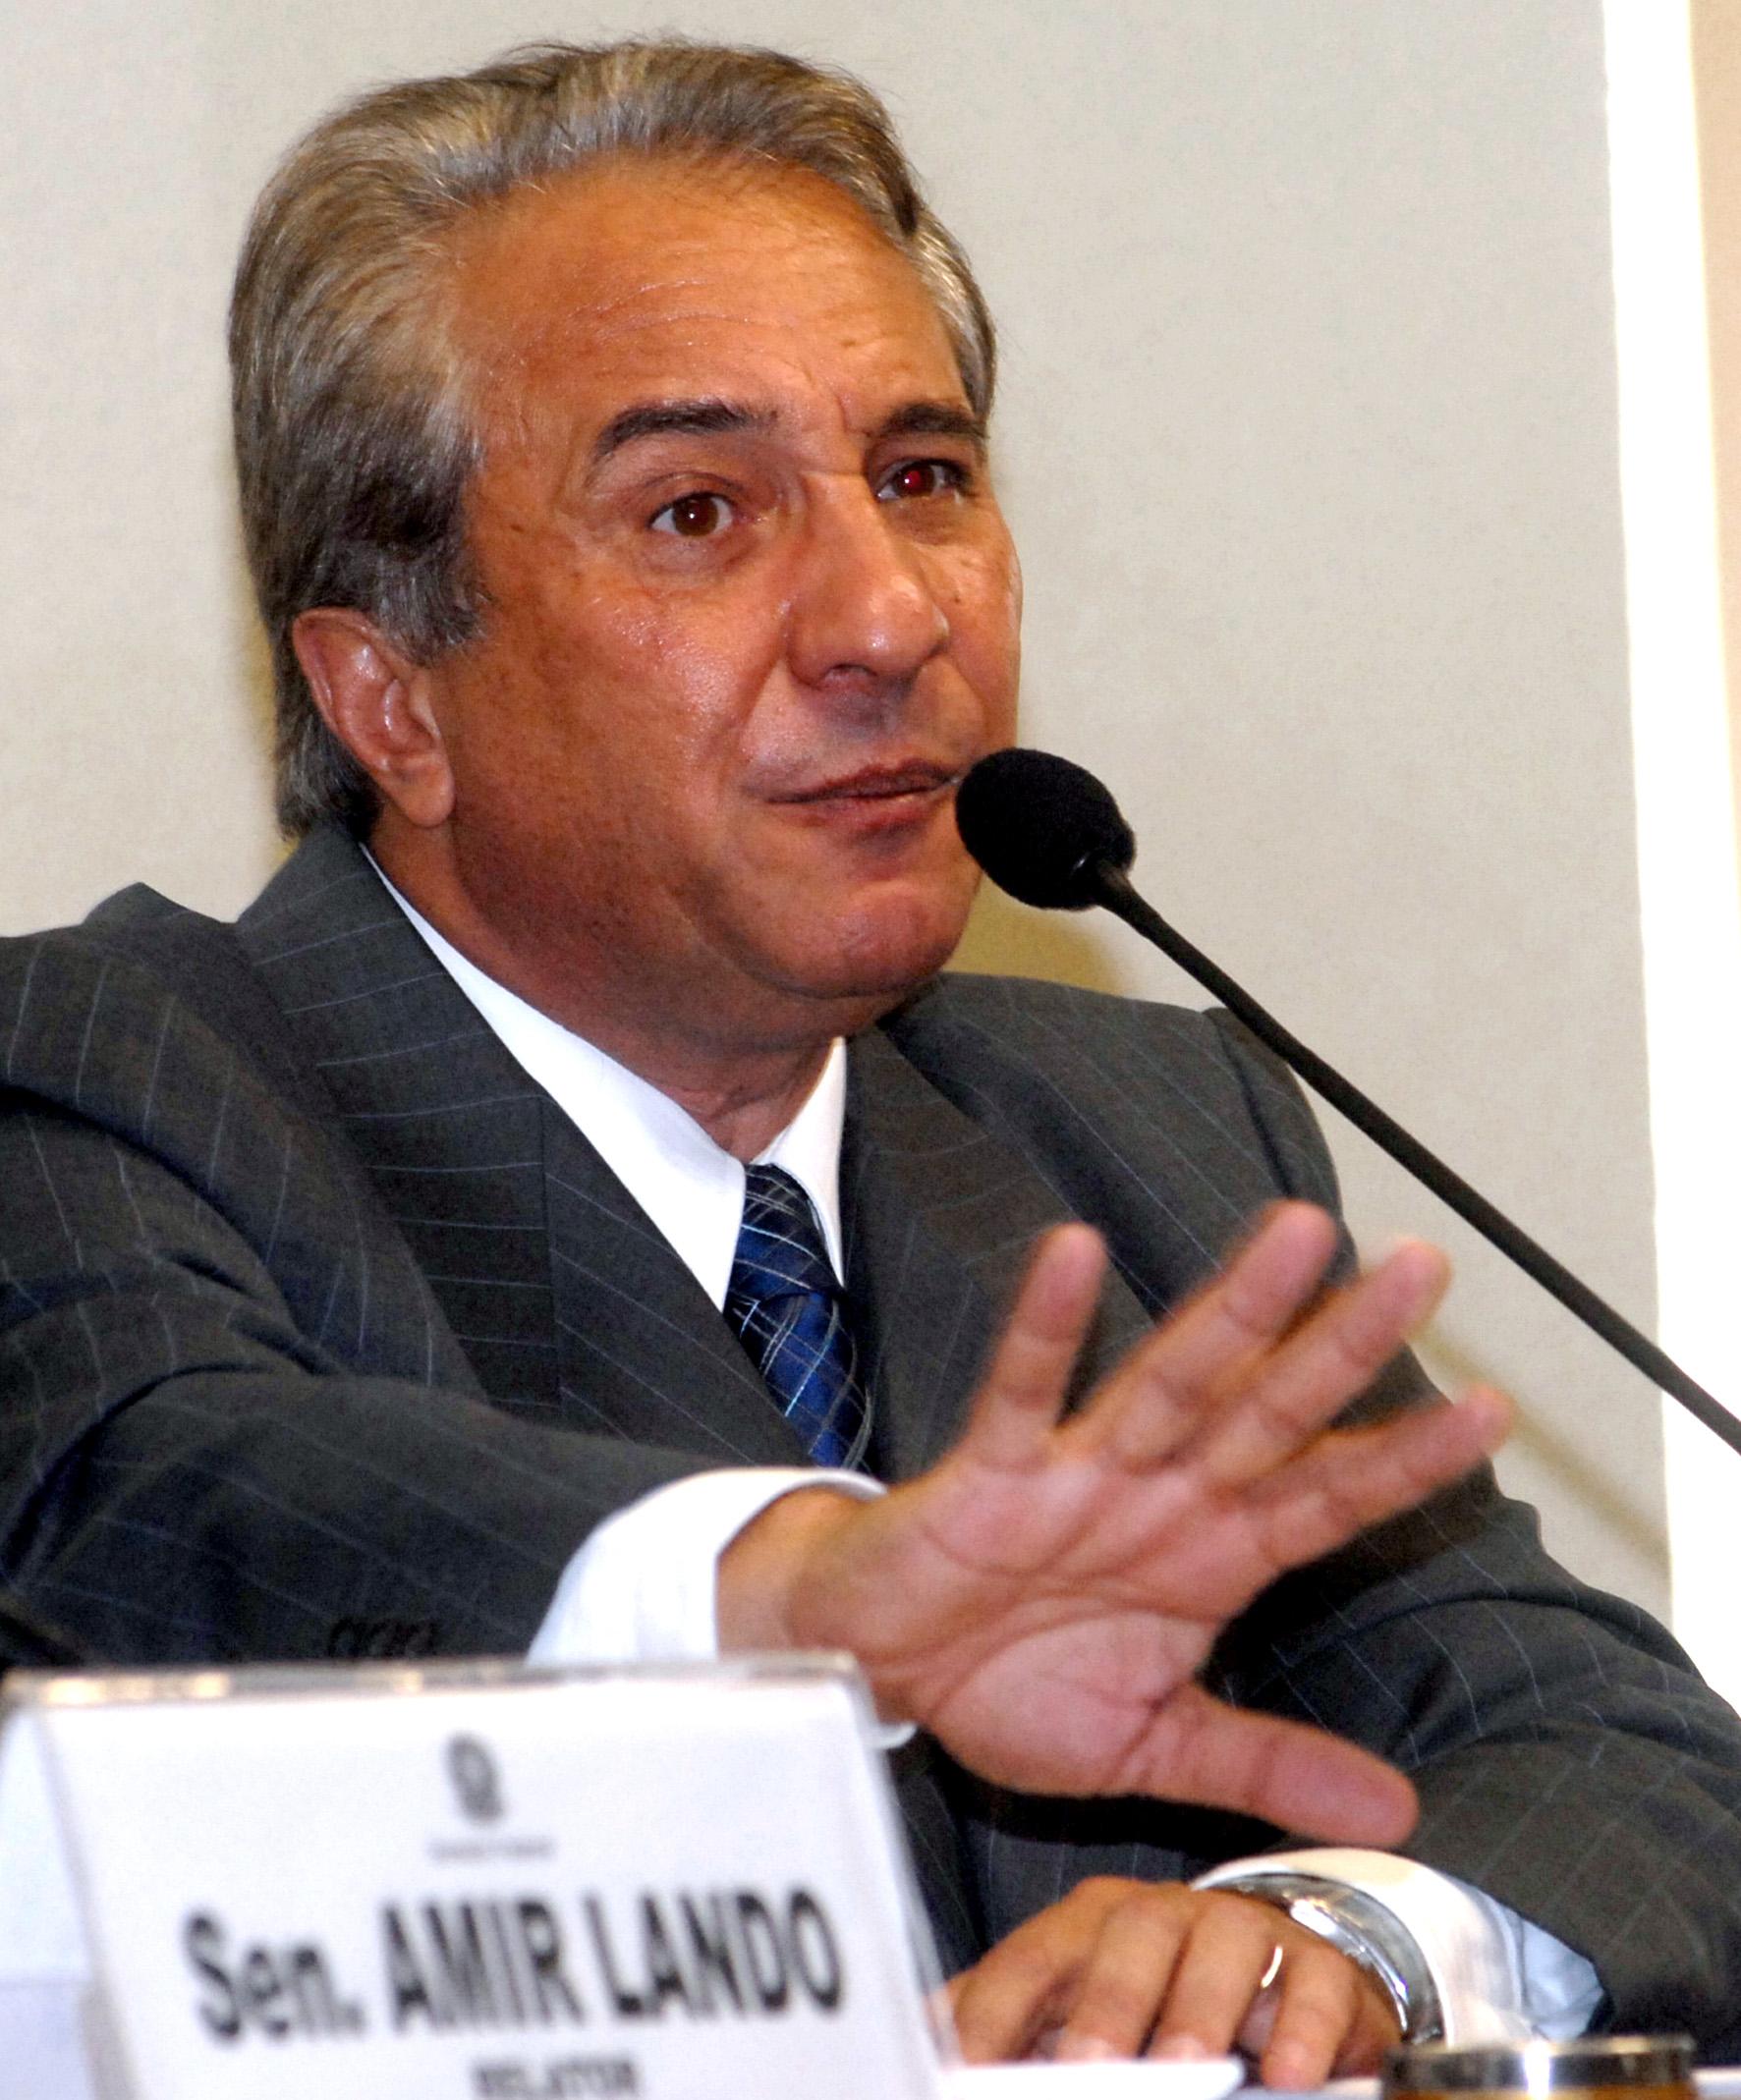 Veja o que saiu no Migalhas sobre José Saraiva Felipe